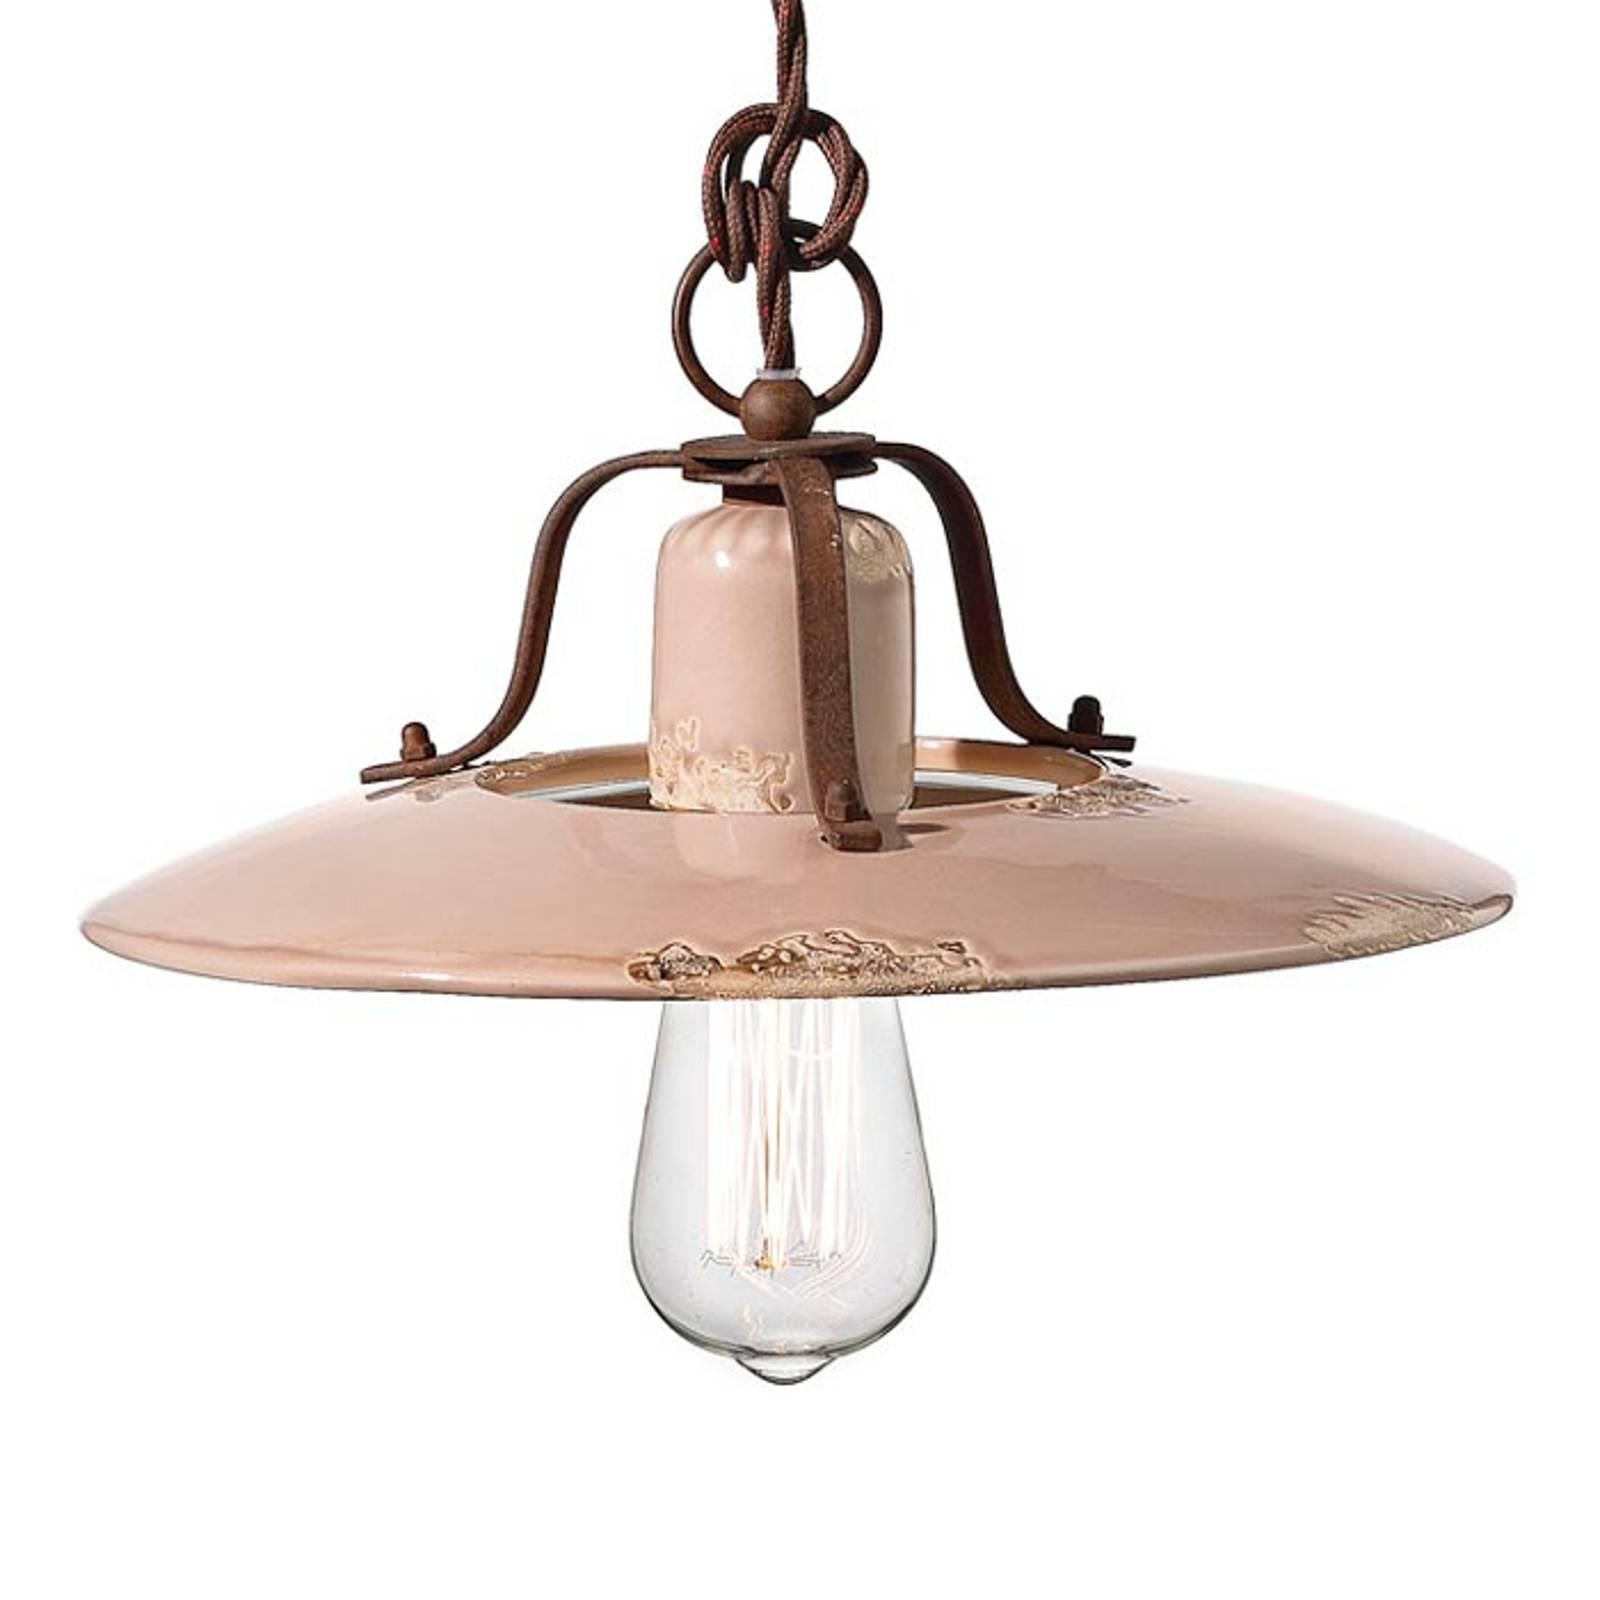 Ceramiczna lampa wisząca Giorgia, 30 cm, stary róż